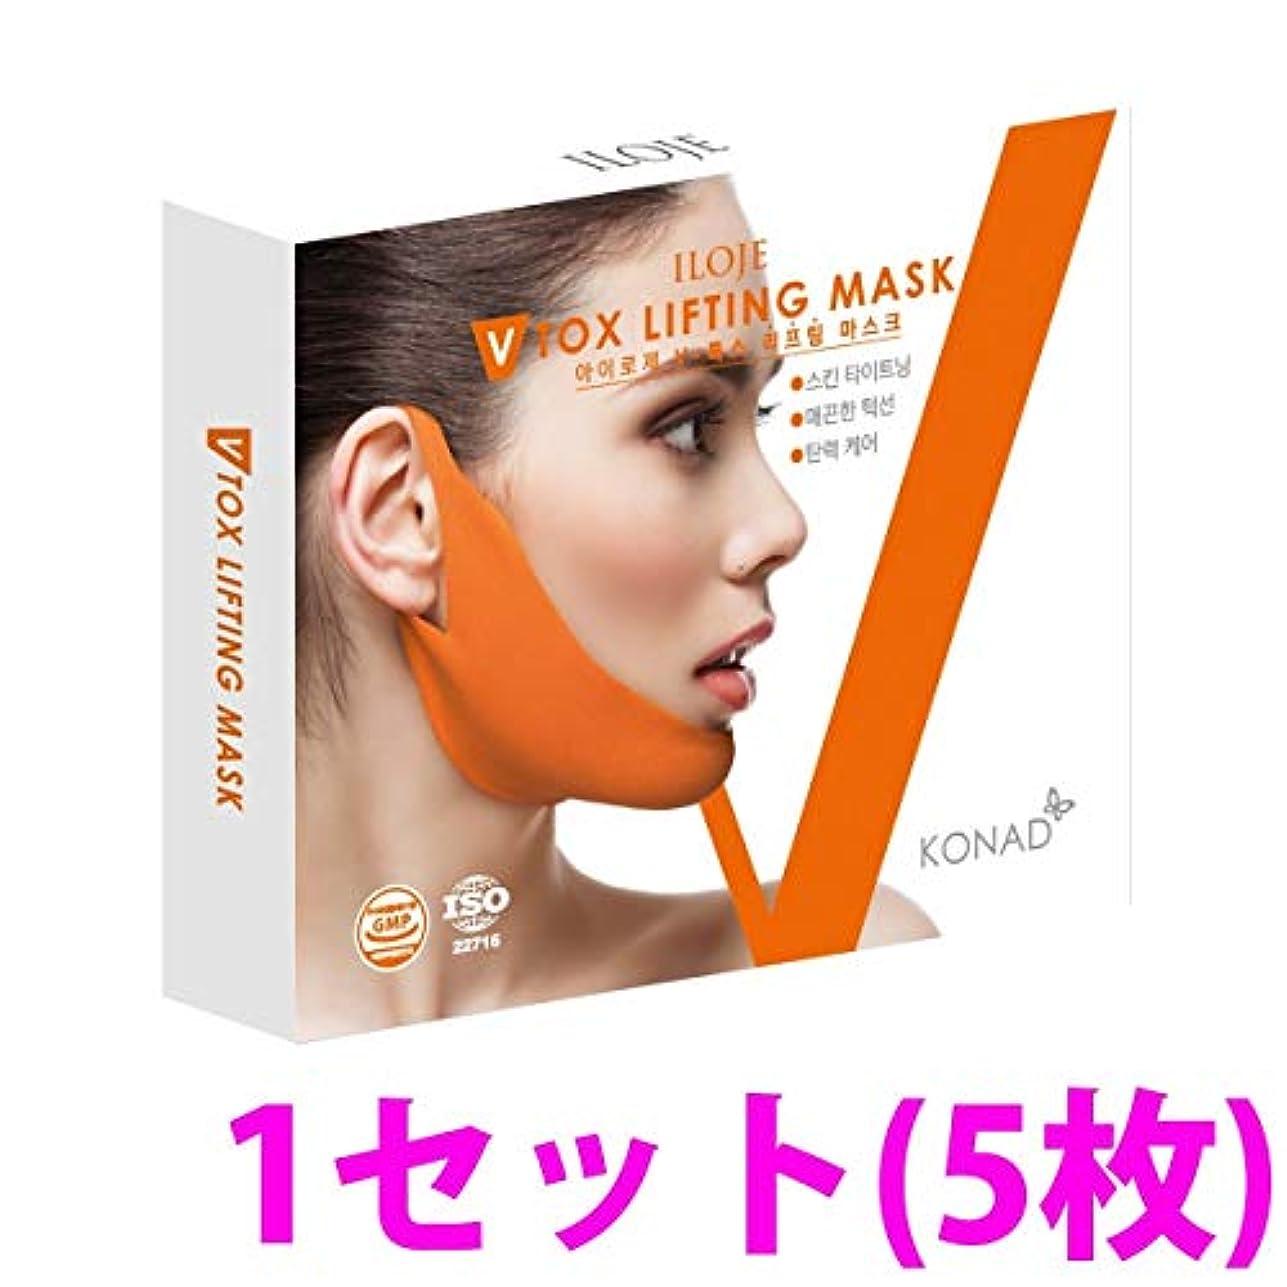 かりて委員会の慈悲で女性の年齢は顎の輪郭で決まる!V-TOXリフティングマスクパック 1セット(5枚)